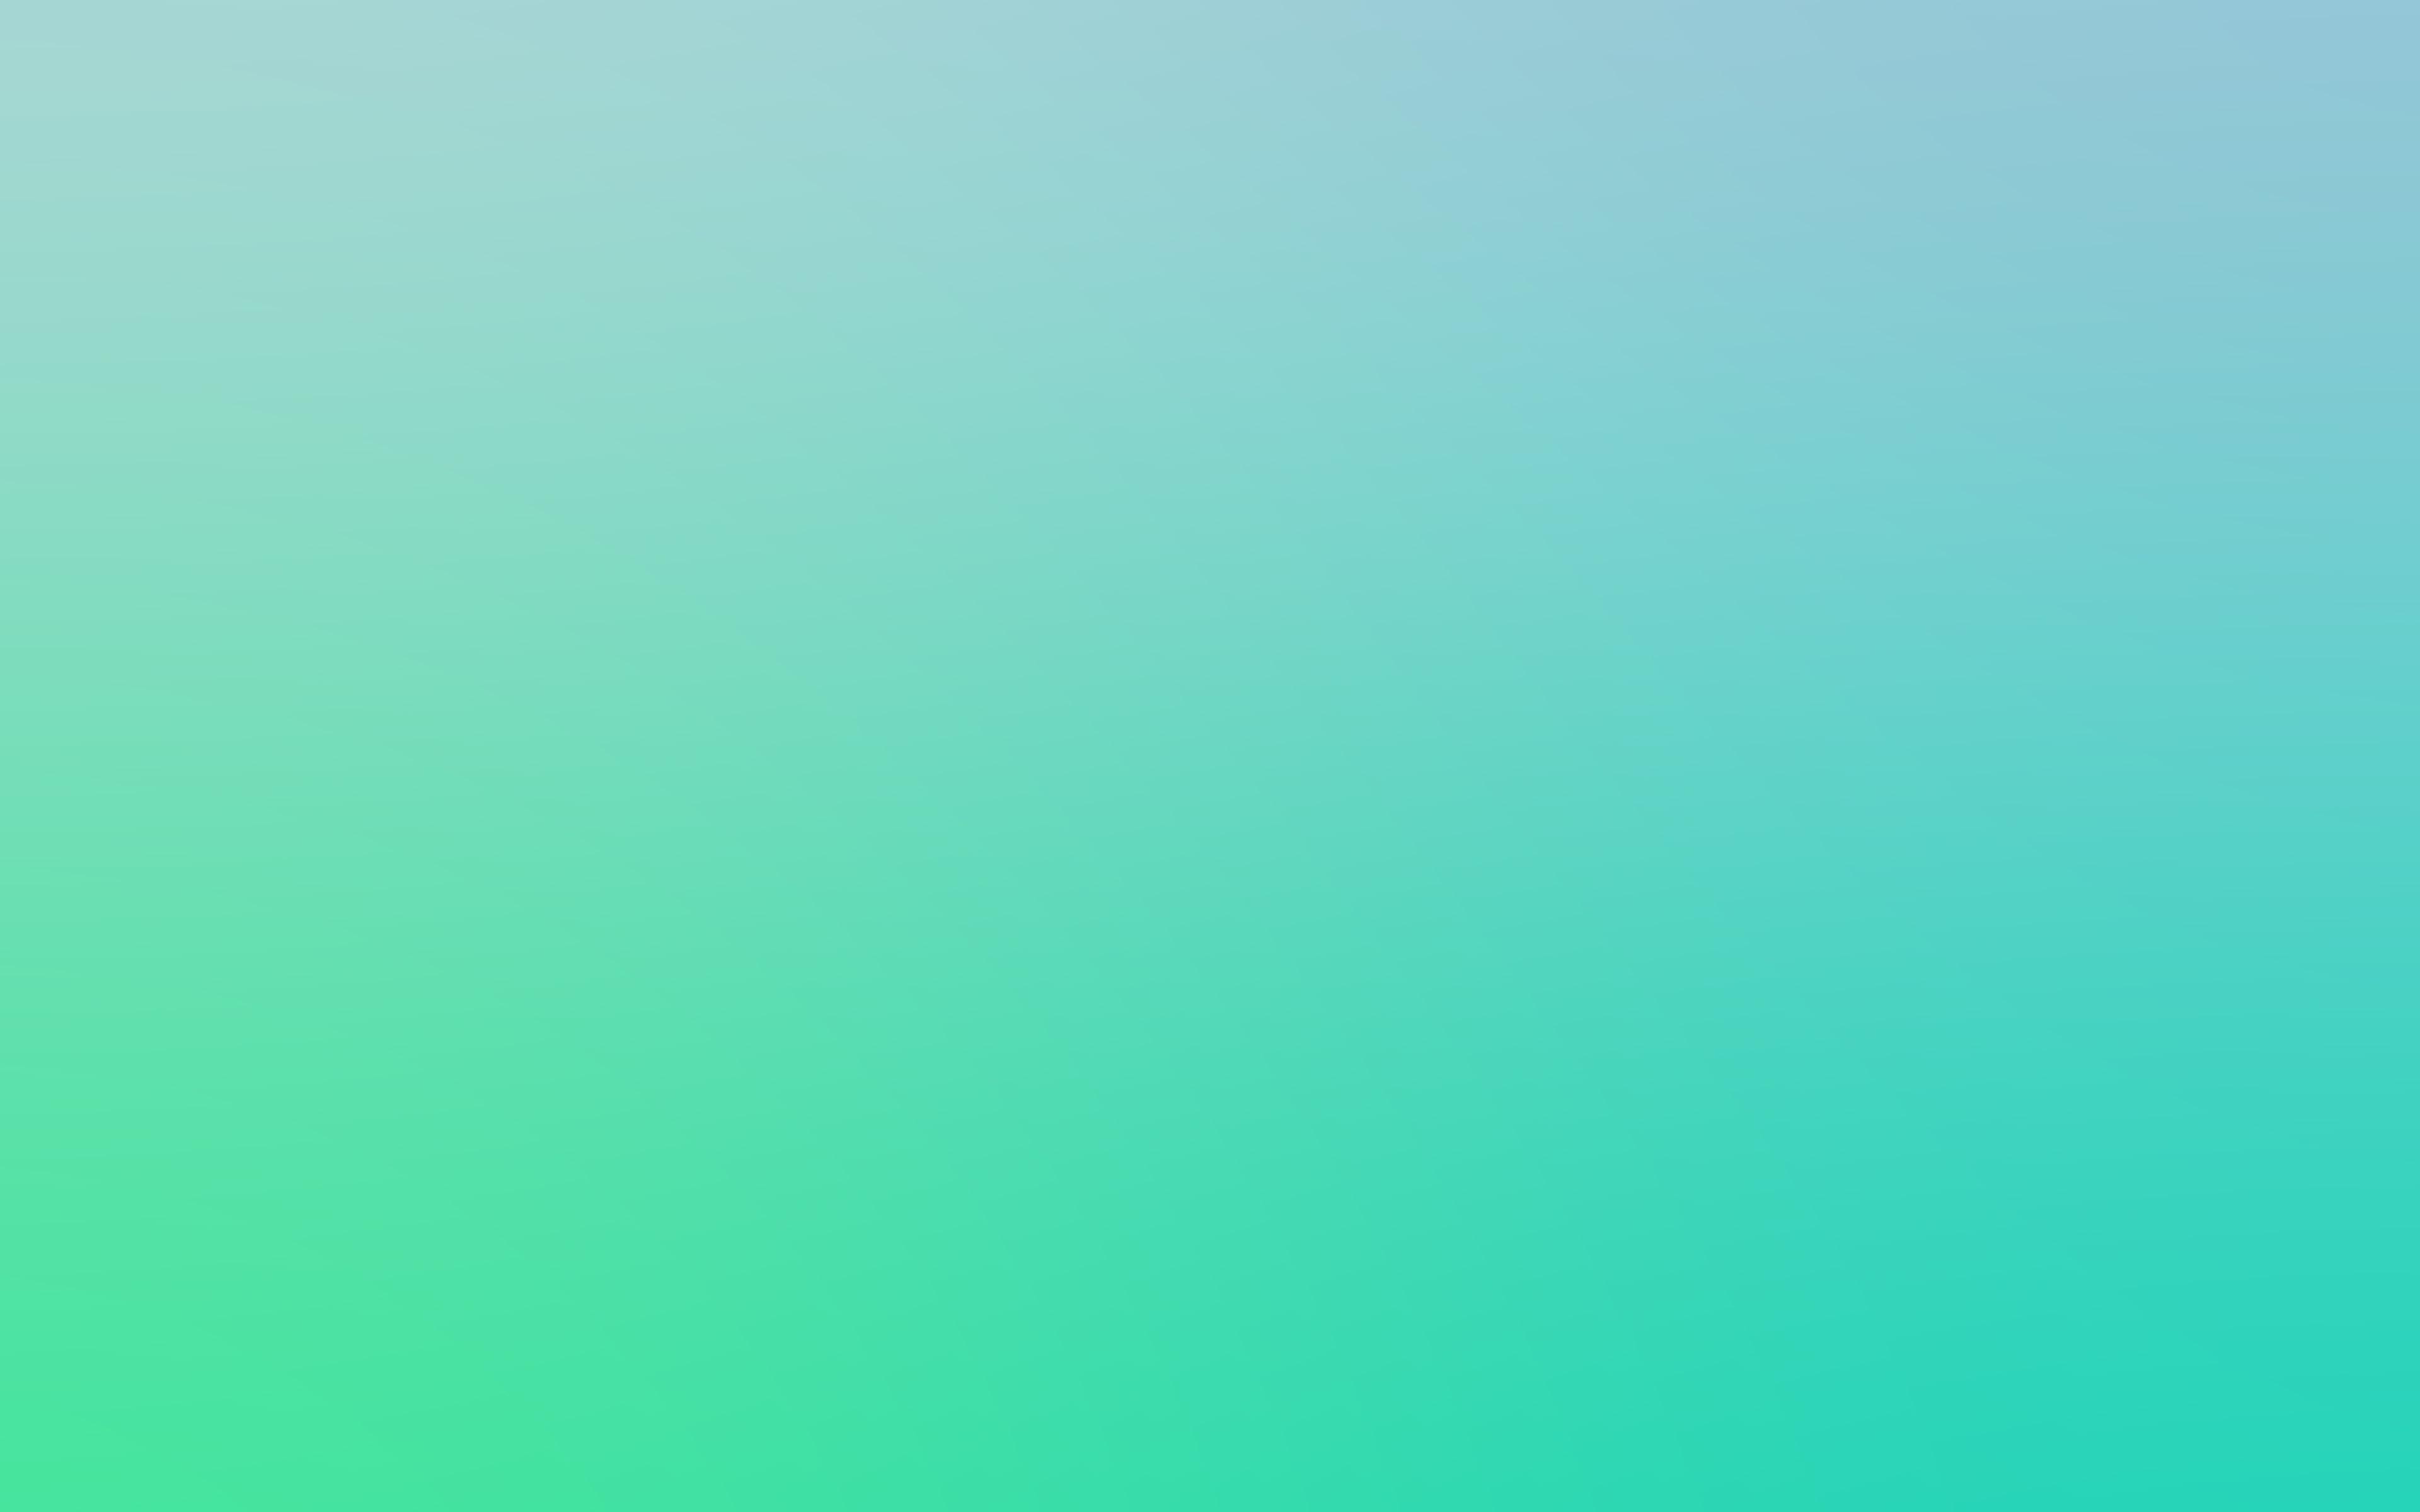 Fondos de pantalla Degradado difuminado verde